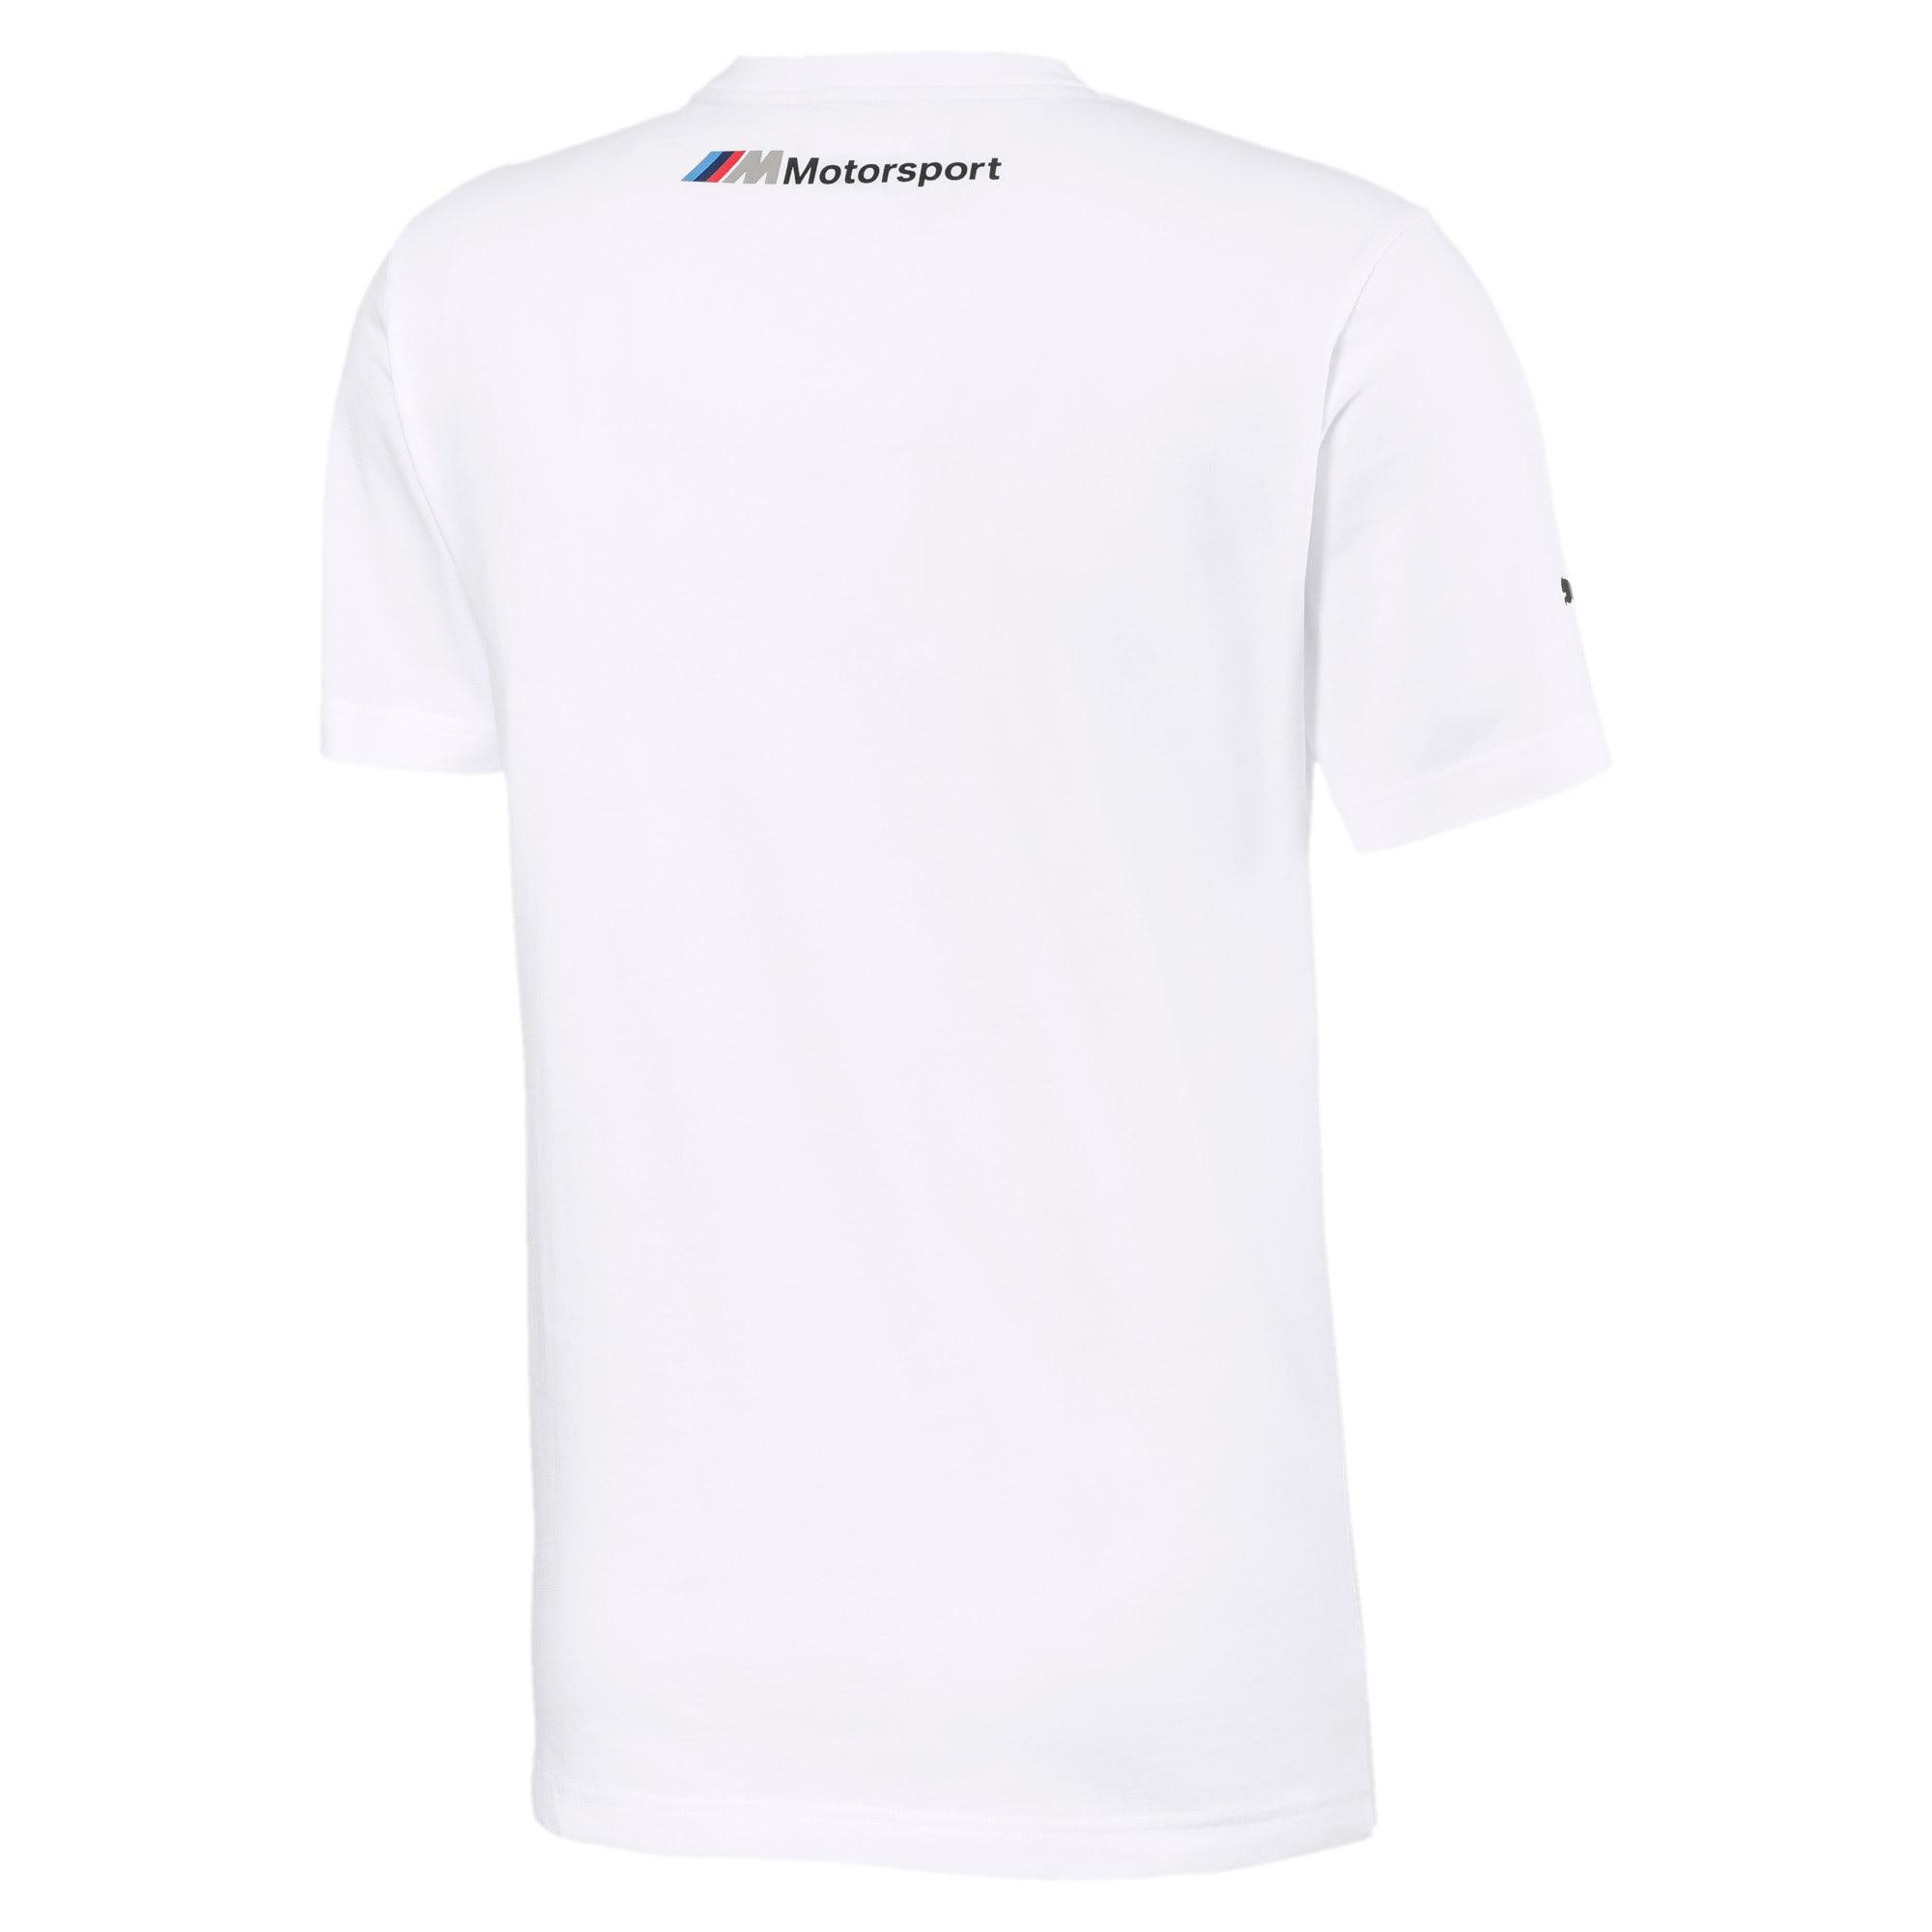 Thumbnail 5 of BMW M Motorsports Logo Men's Tee, Puma White, medium